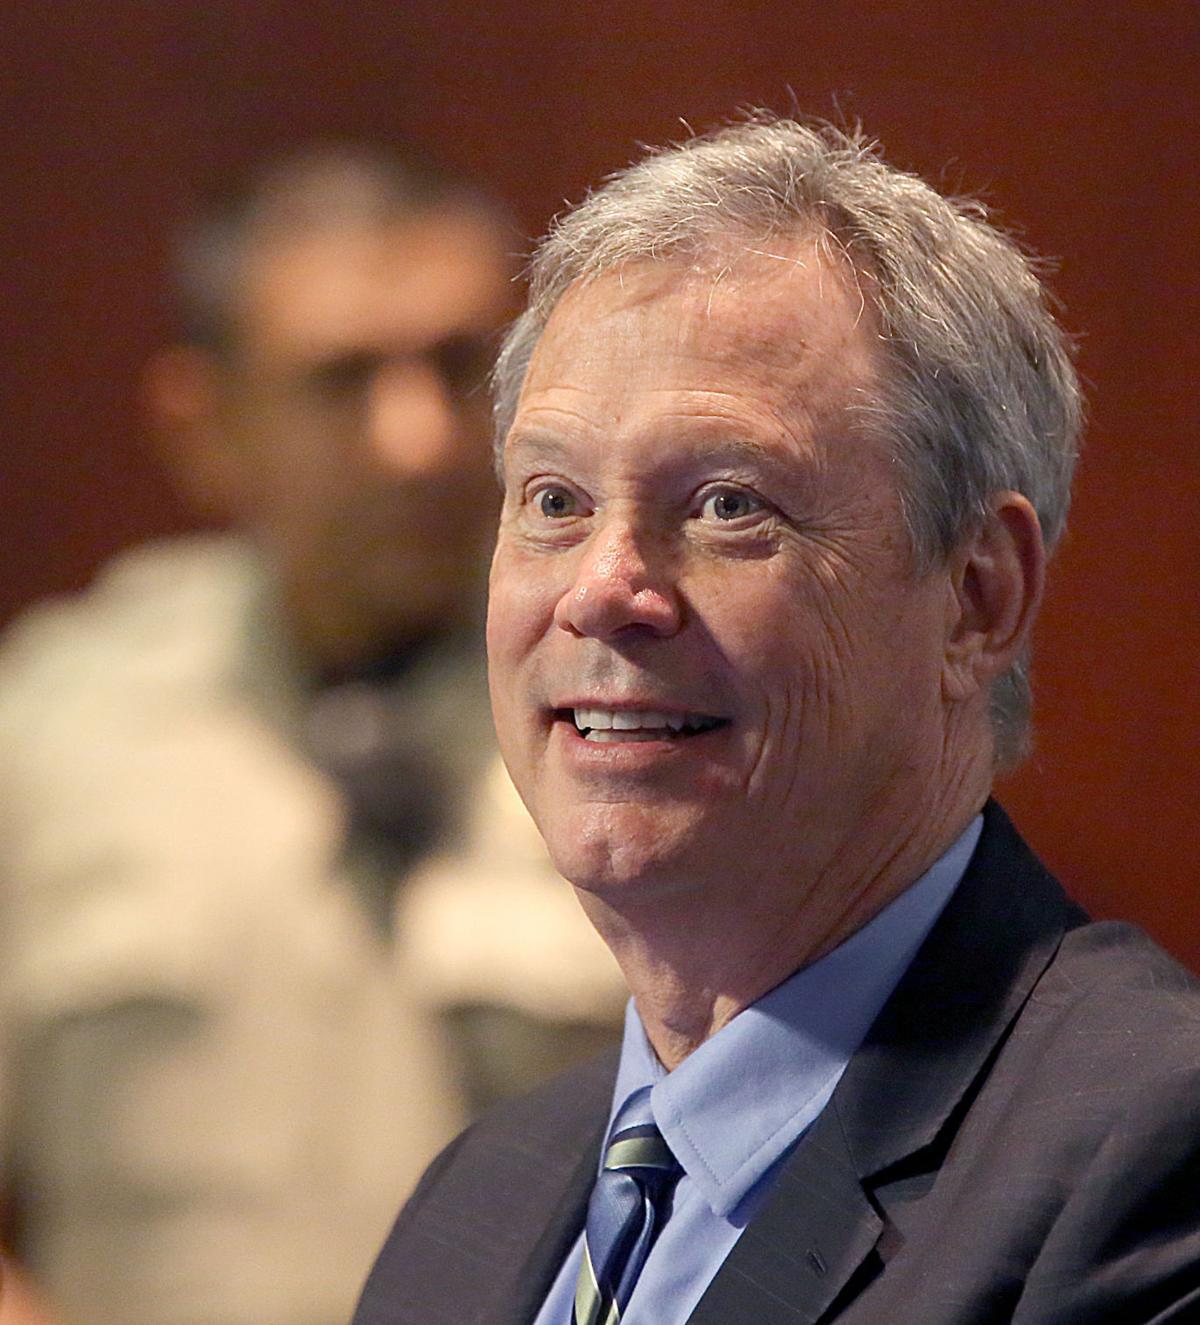 Kern County Administrative Officer John Nilon Retiring